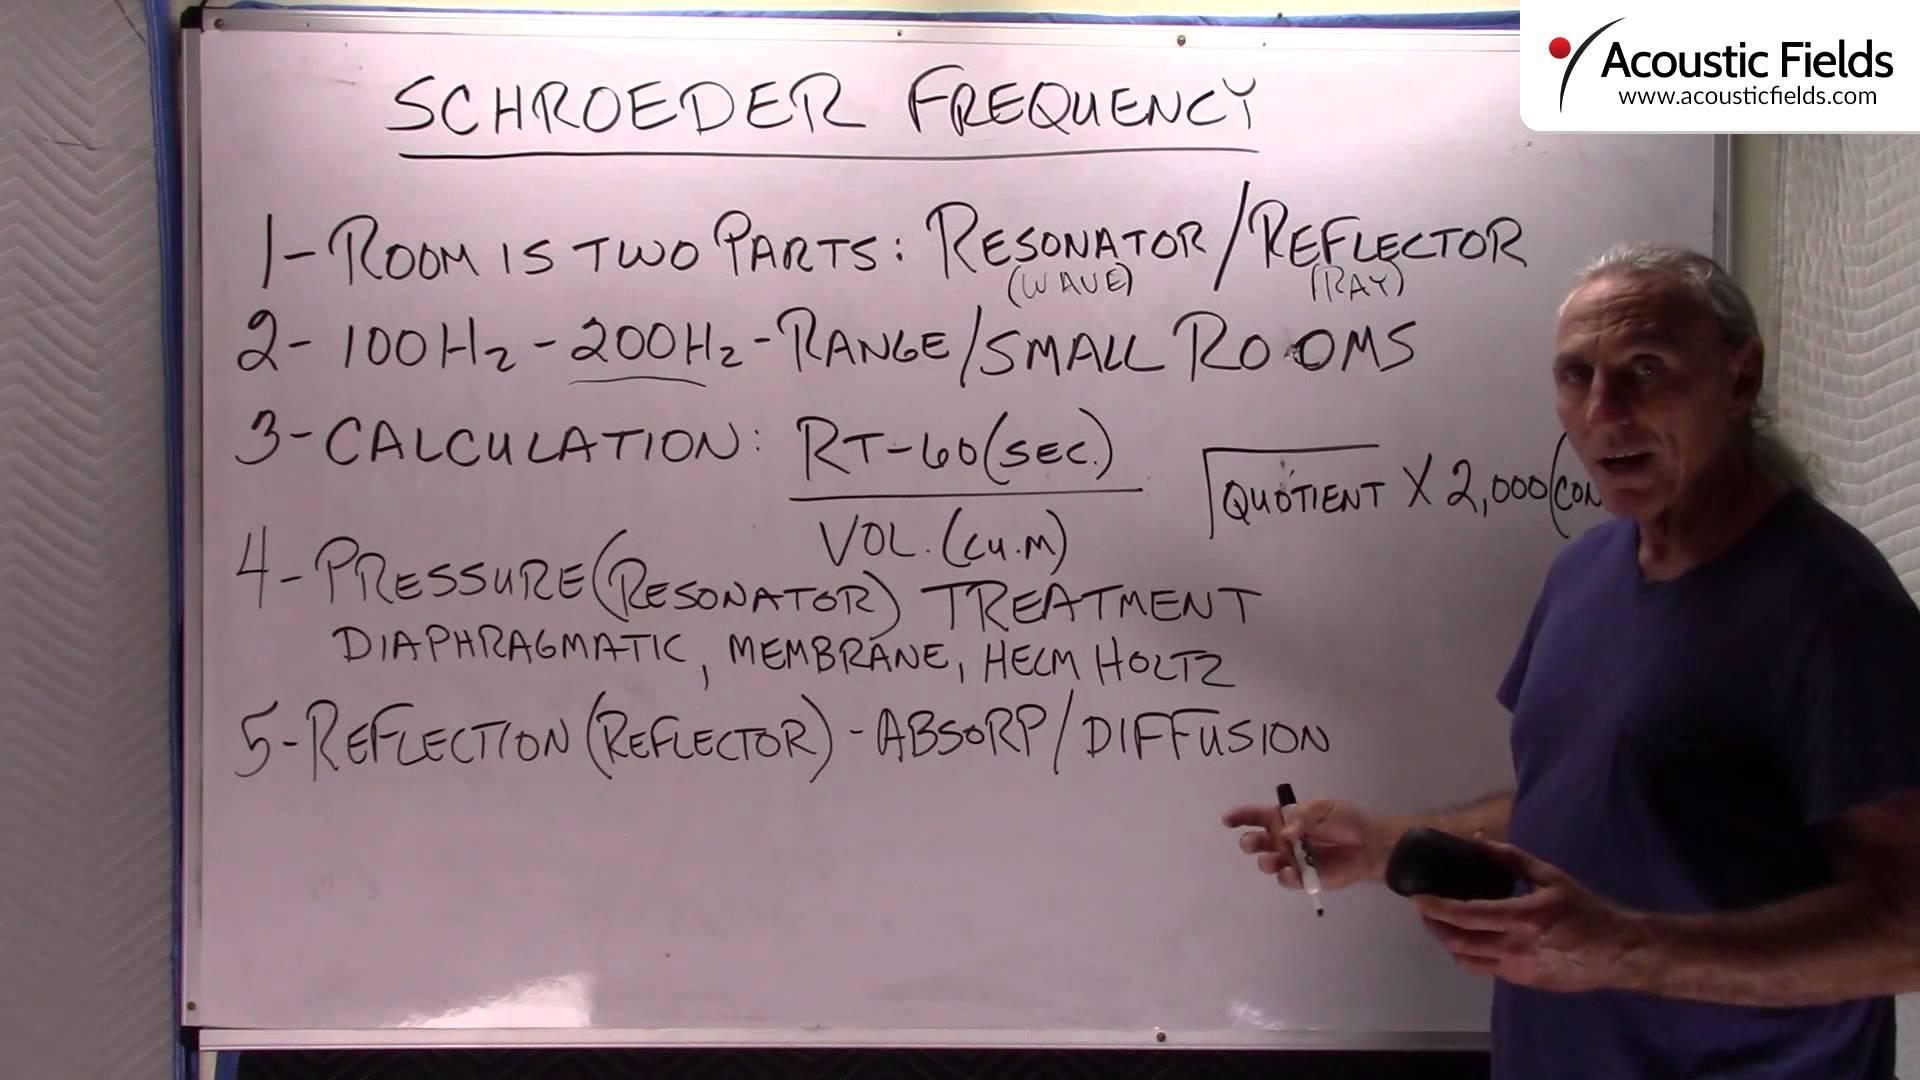 Schroeder Frequency